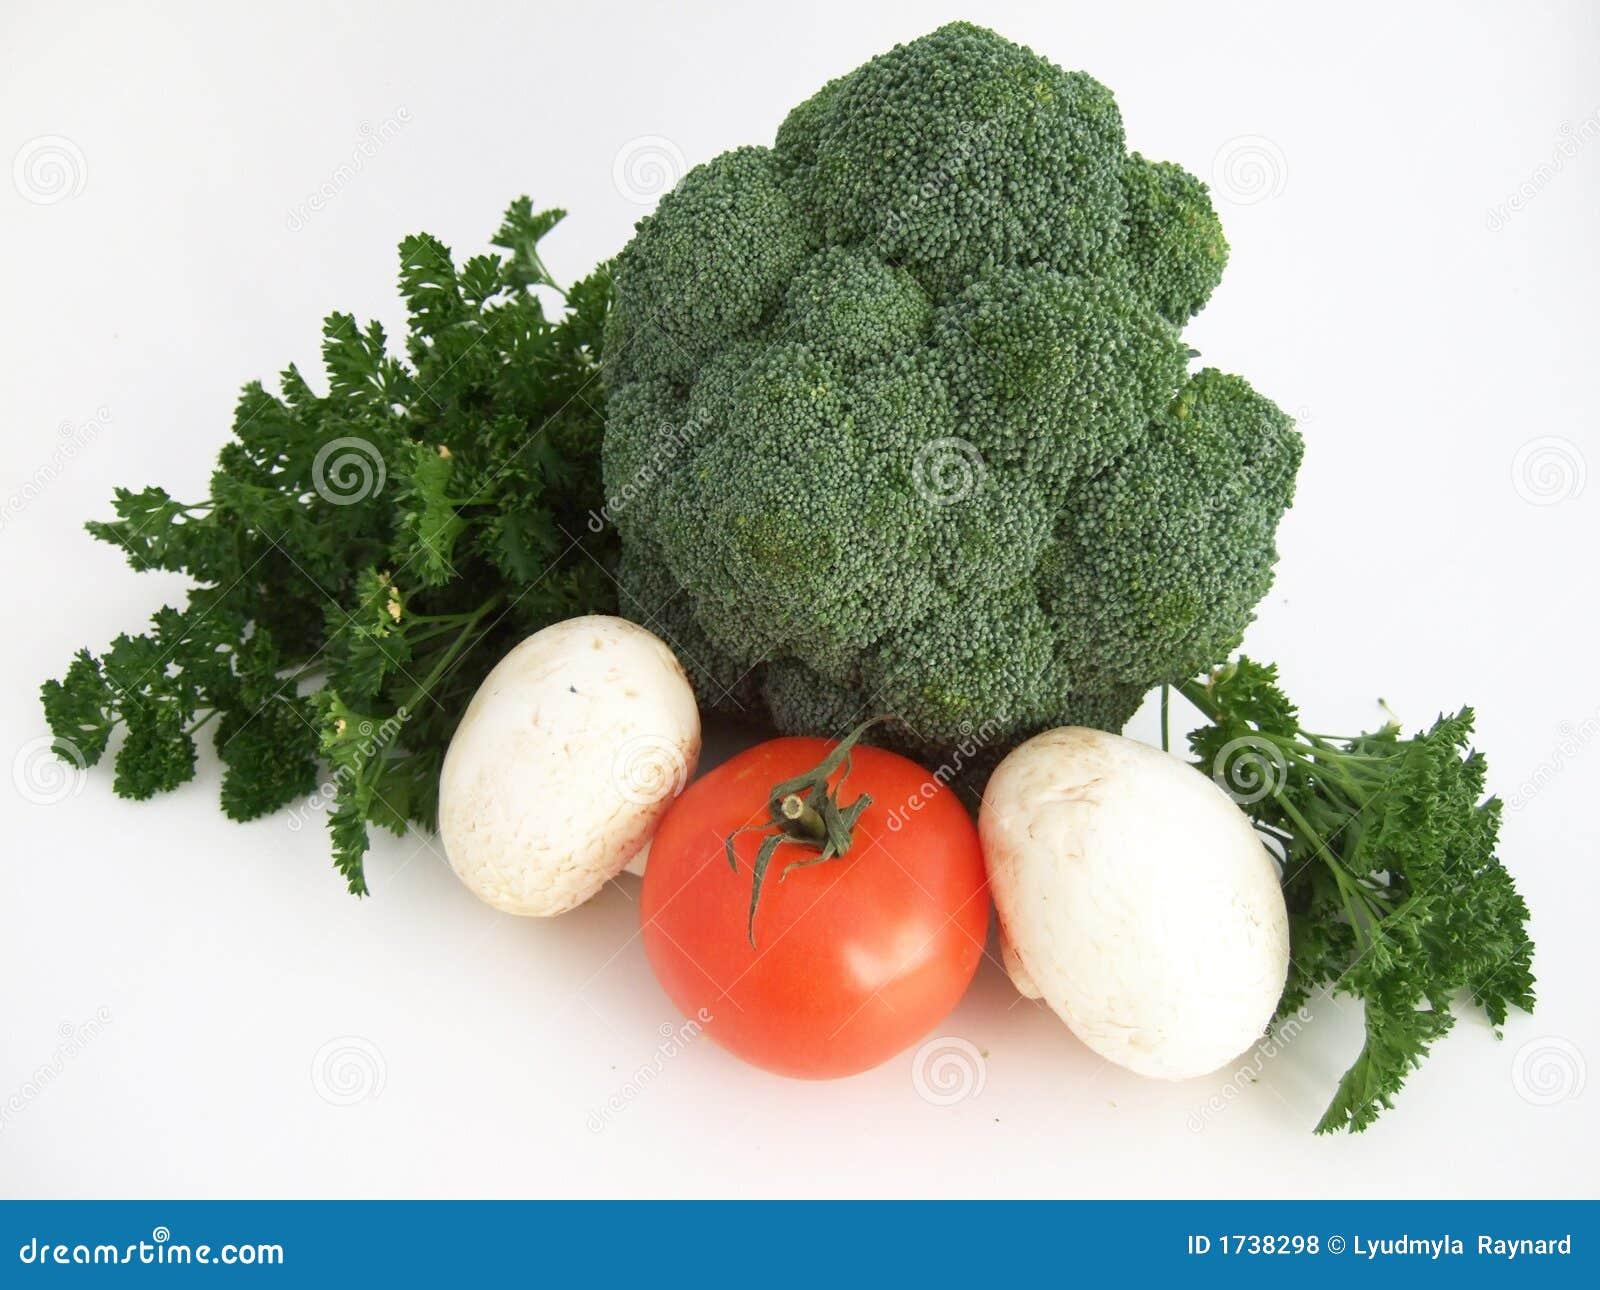 Die Tomaten, Kohl, mushrums und die Petersilie